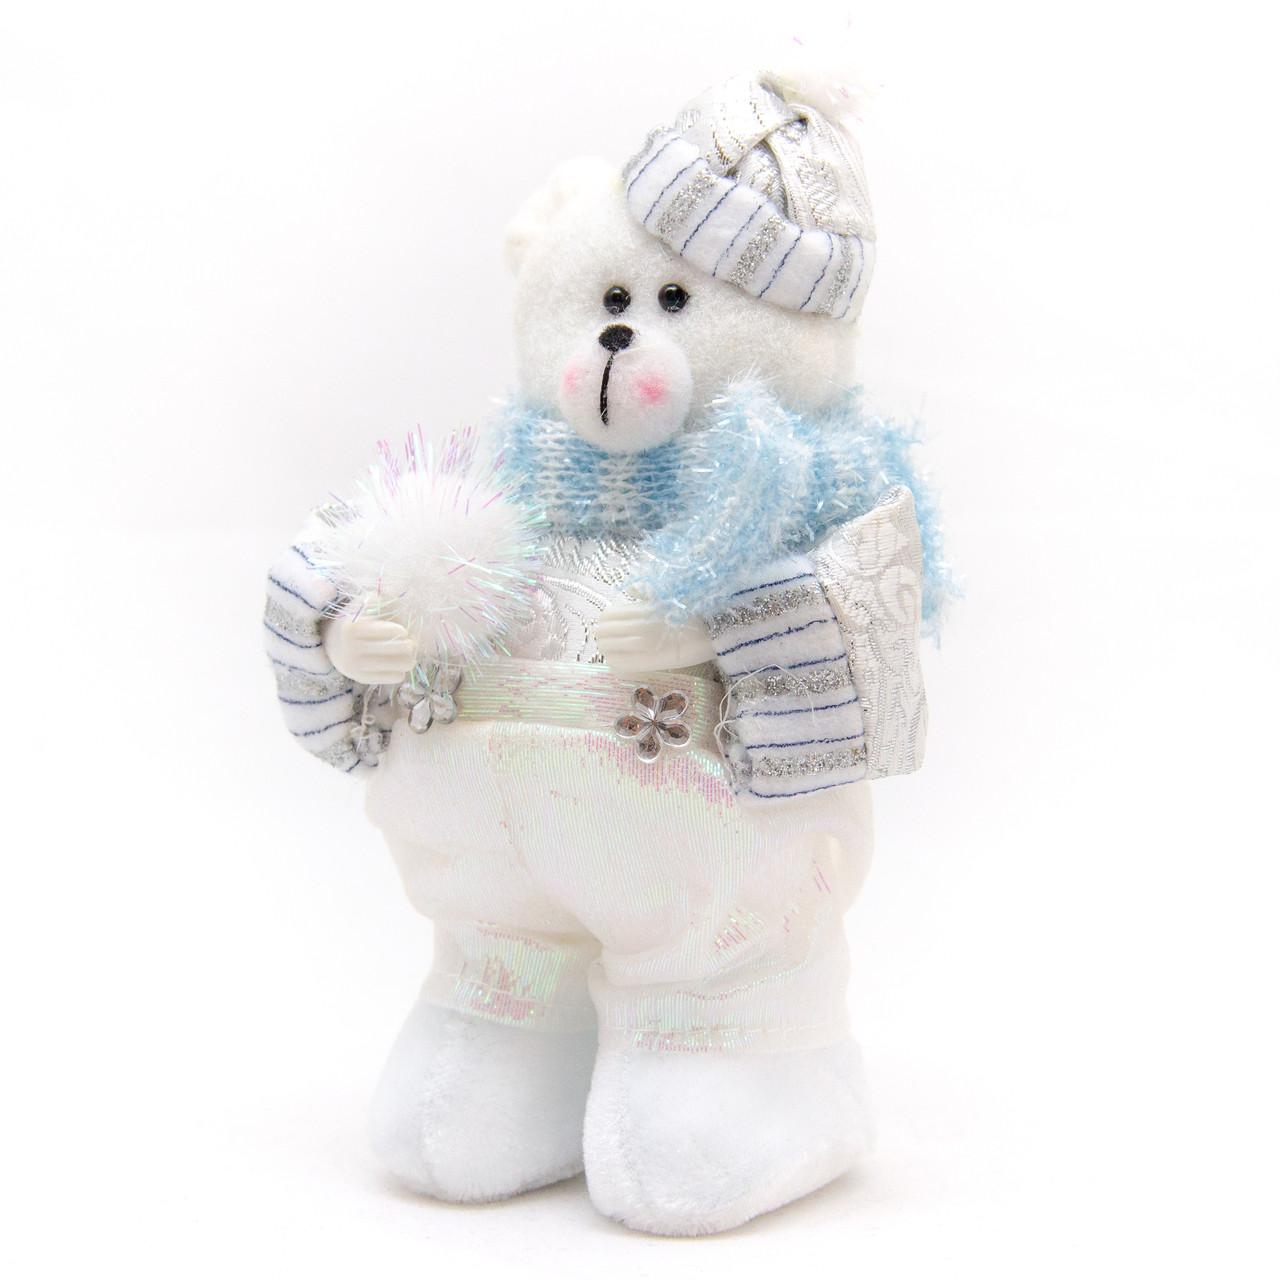 Елочная игрушка мягкая фигурка Медведь 15 см (180431-2)